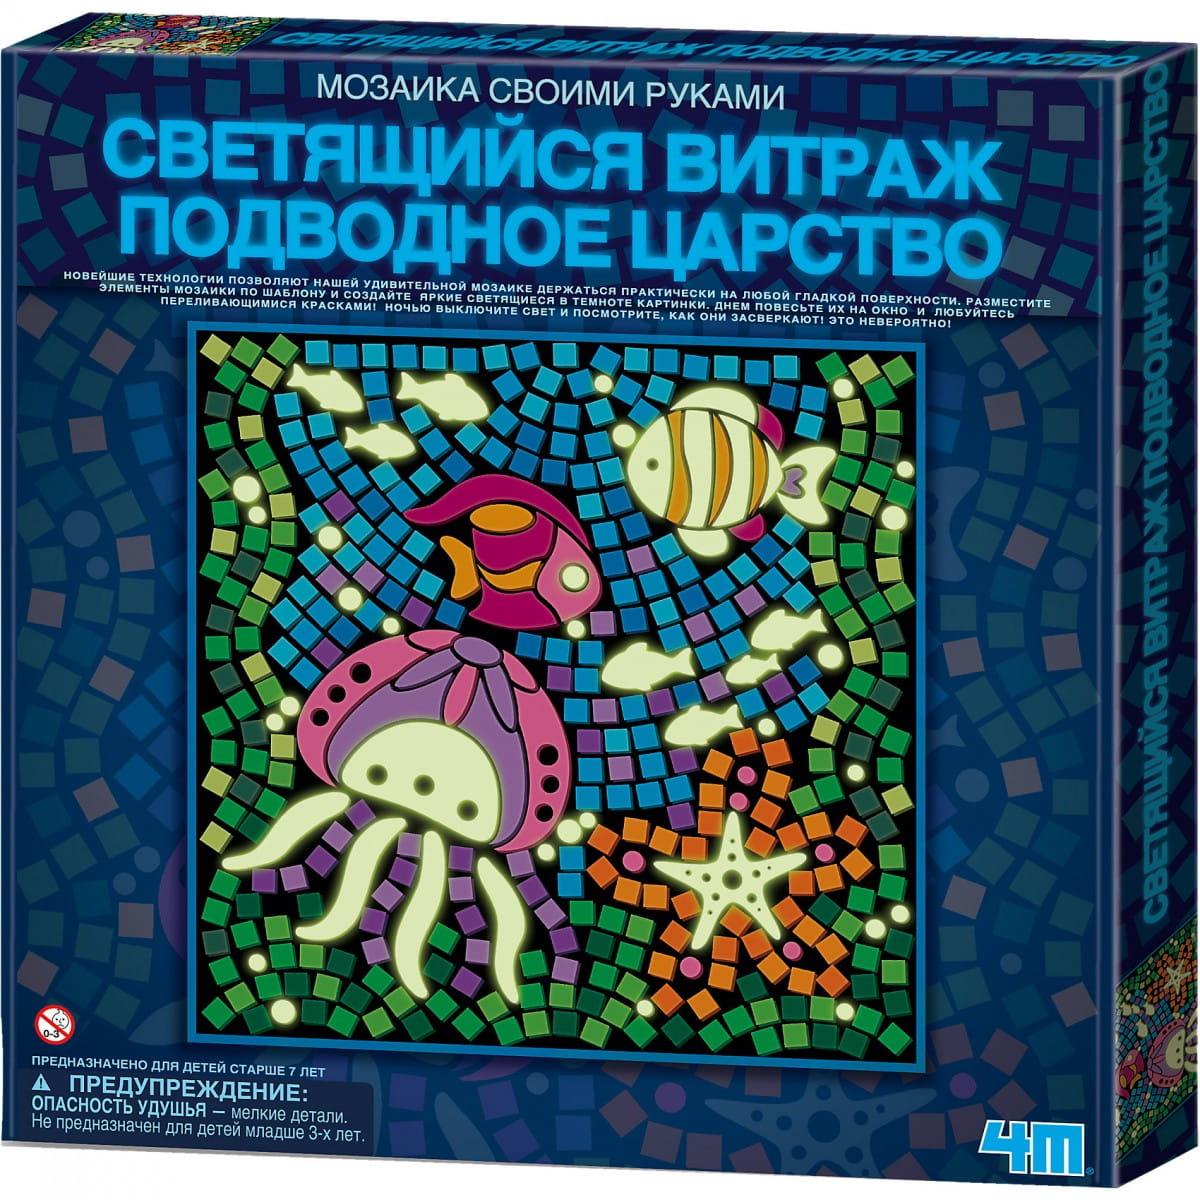 Светящийся витраж 4M 00-04648 Подводное царство